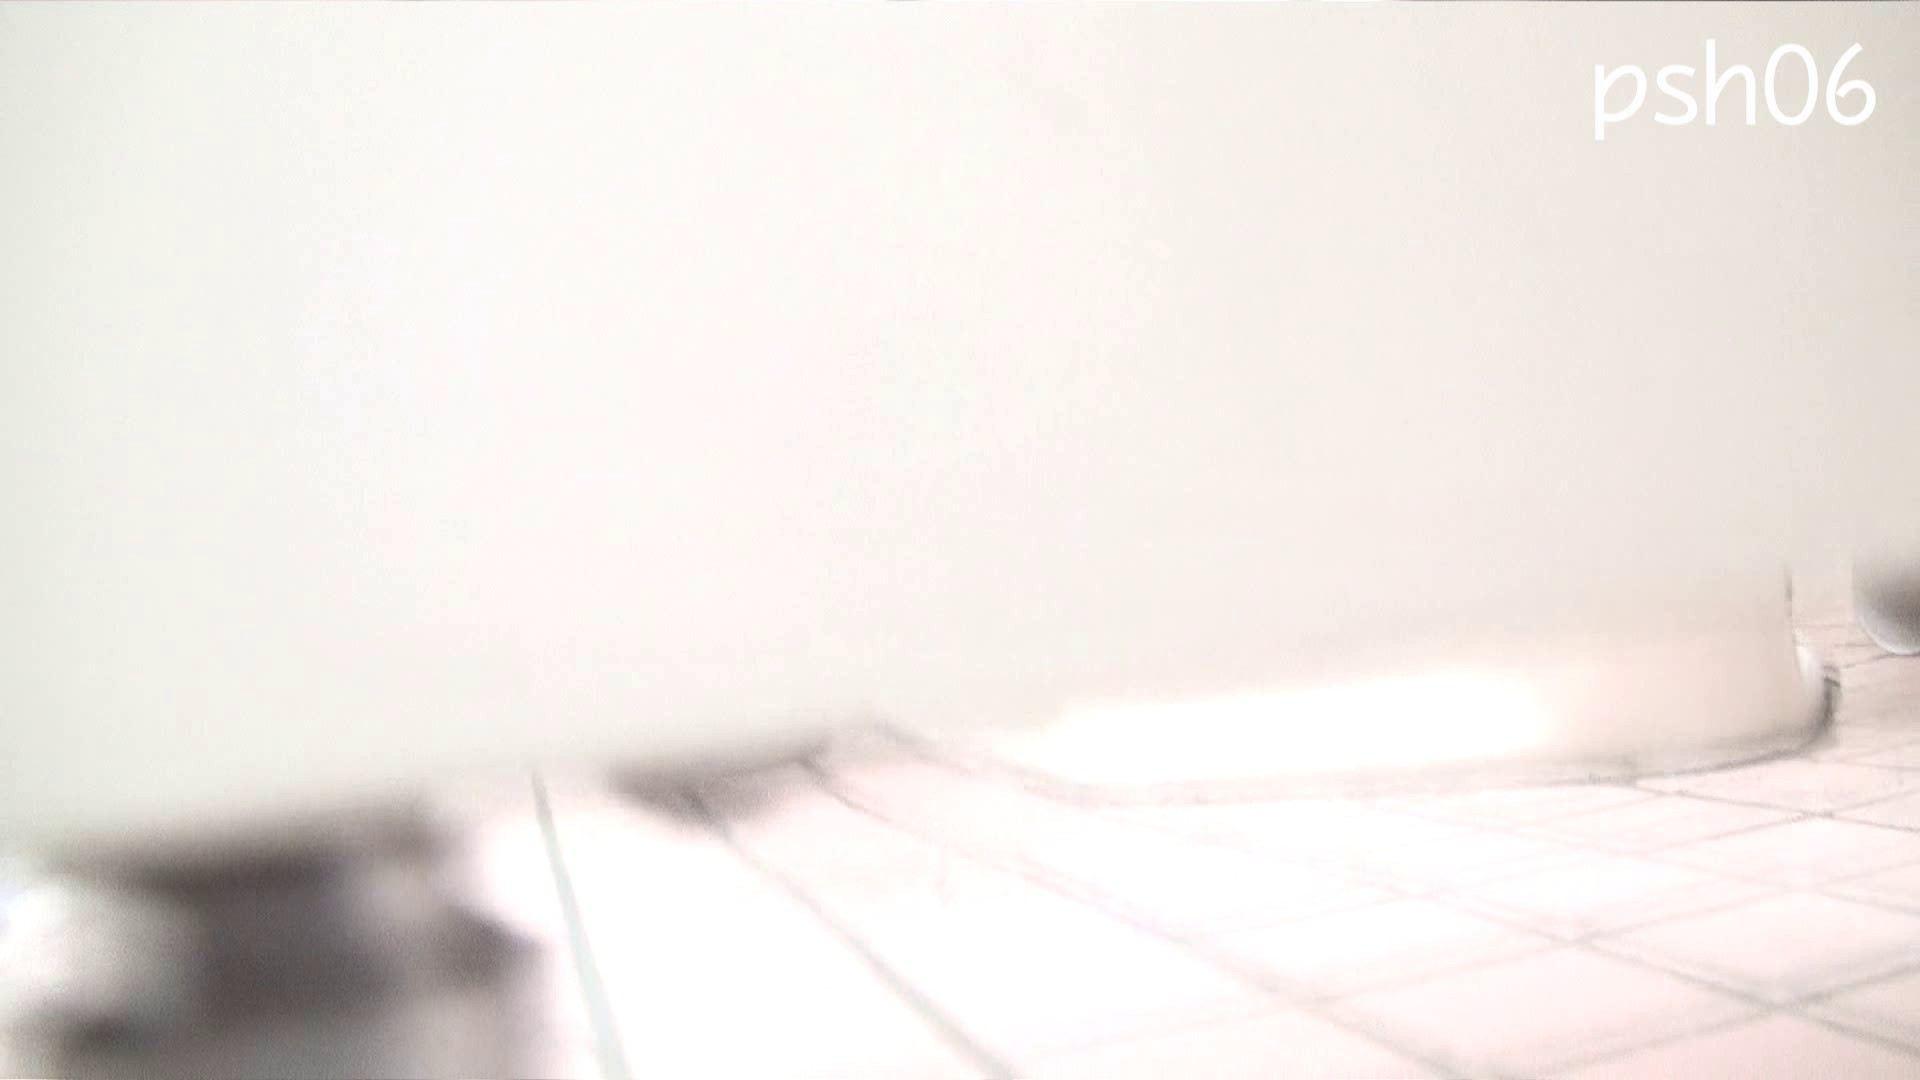 ▲復活限定▲ハイビジョン 盗神伝 Vol.6 エッチなお姉さん  54画像 10